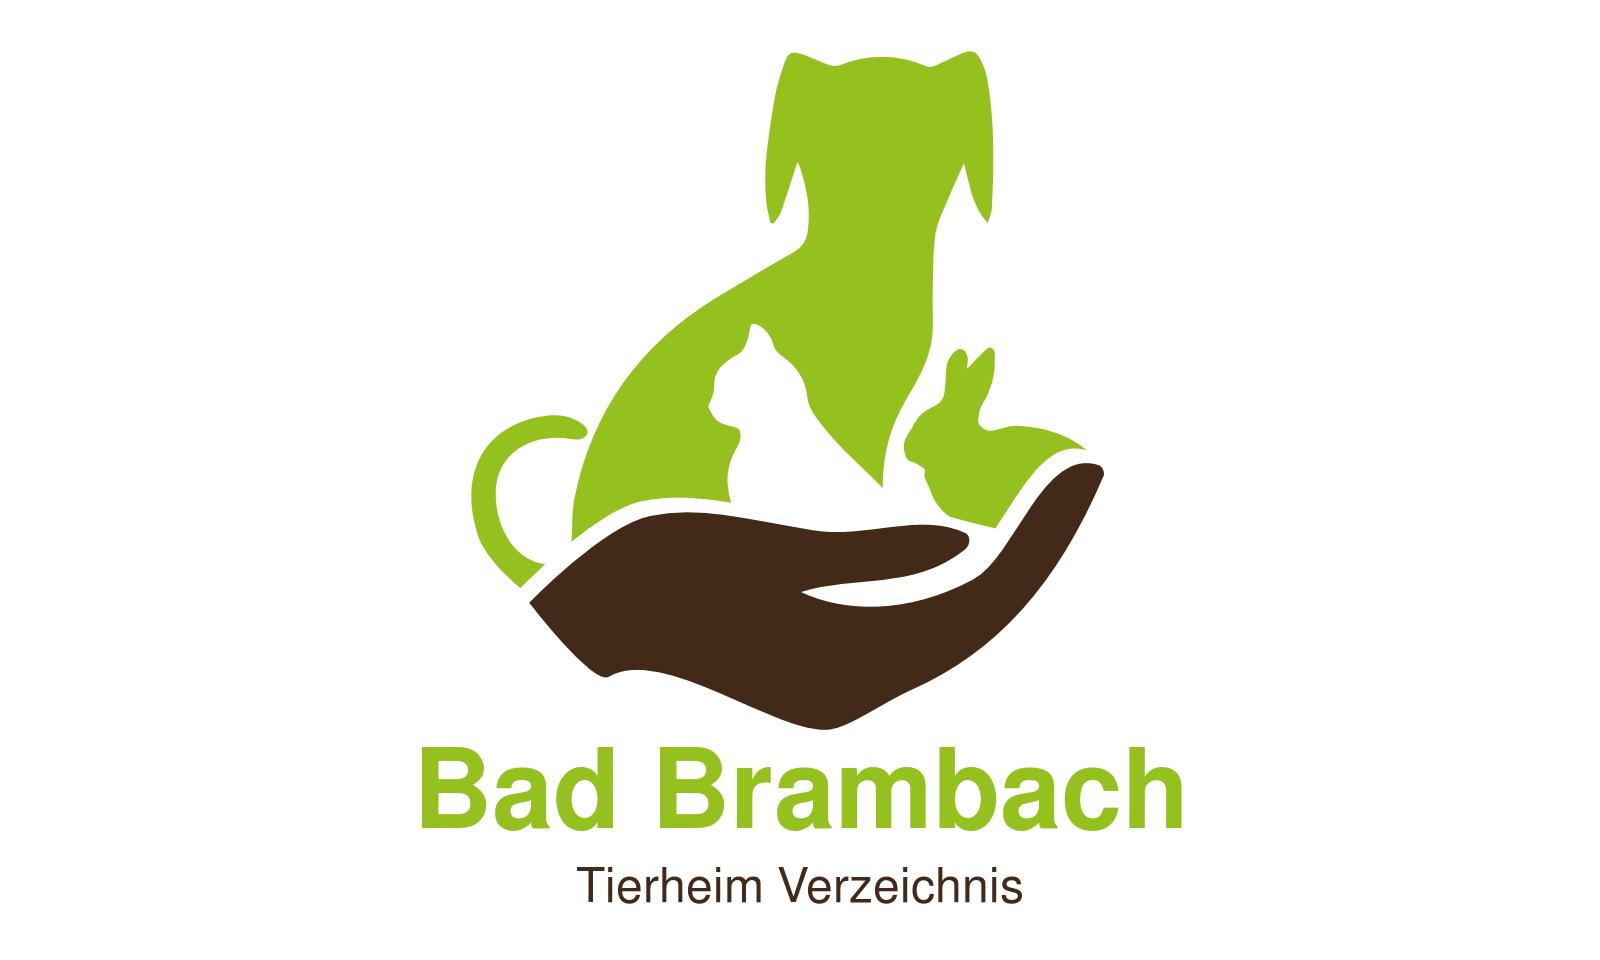 Tierheim Bad Brambach